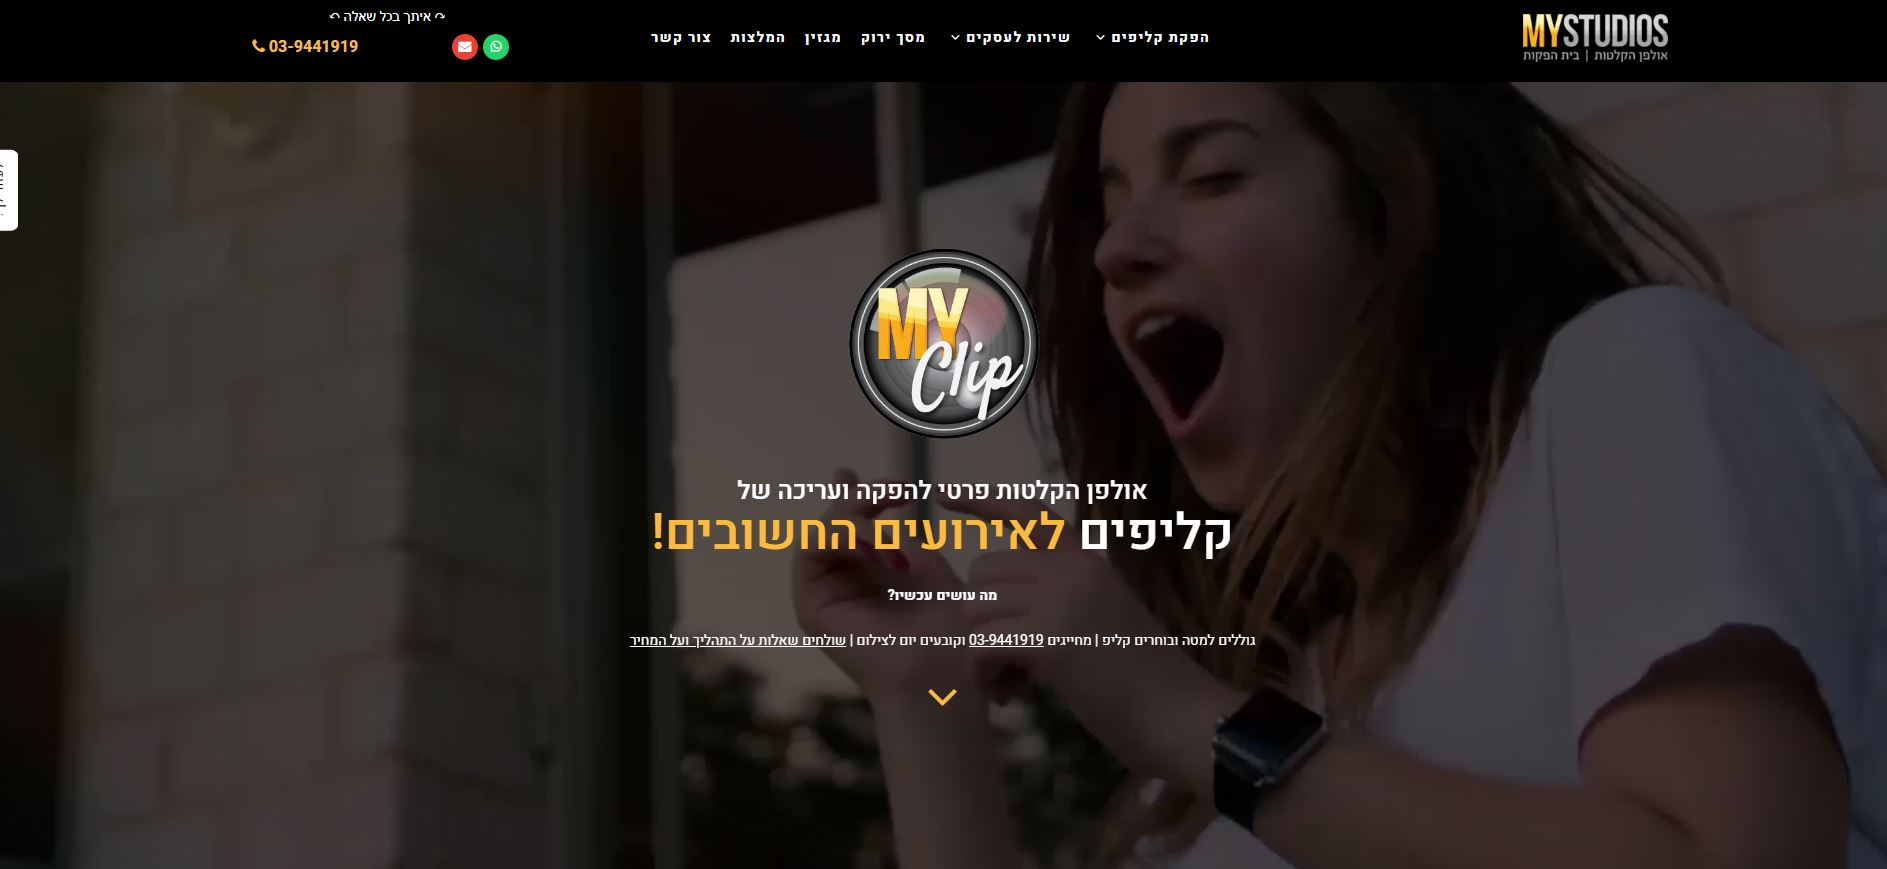 צילום מסך אתר mystudios.co.il